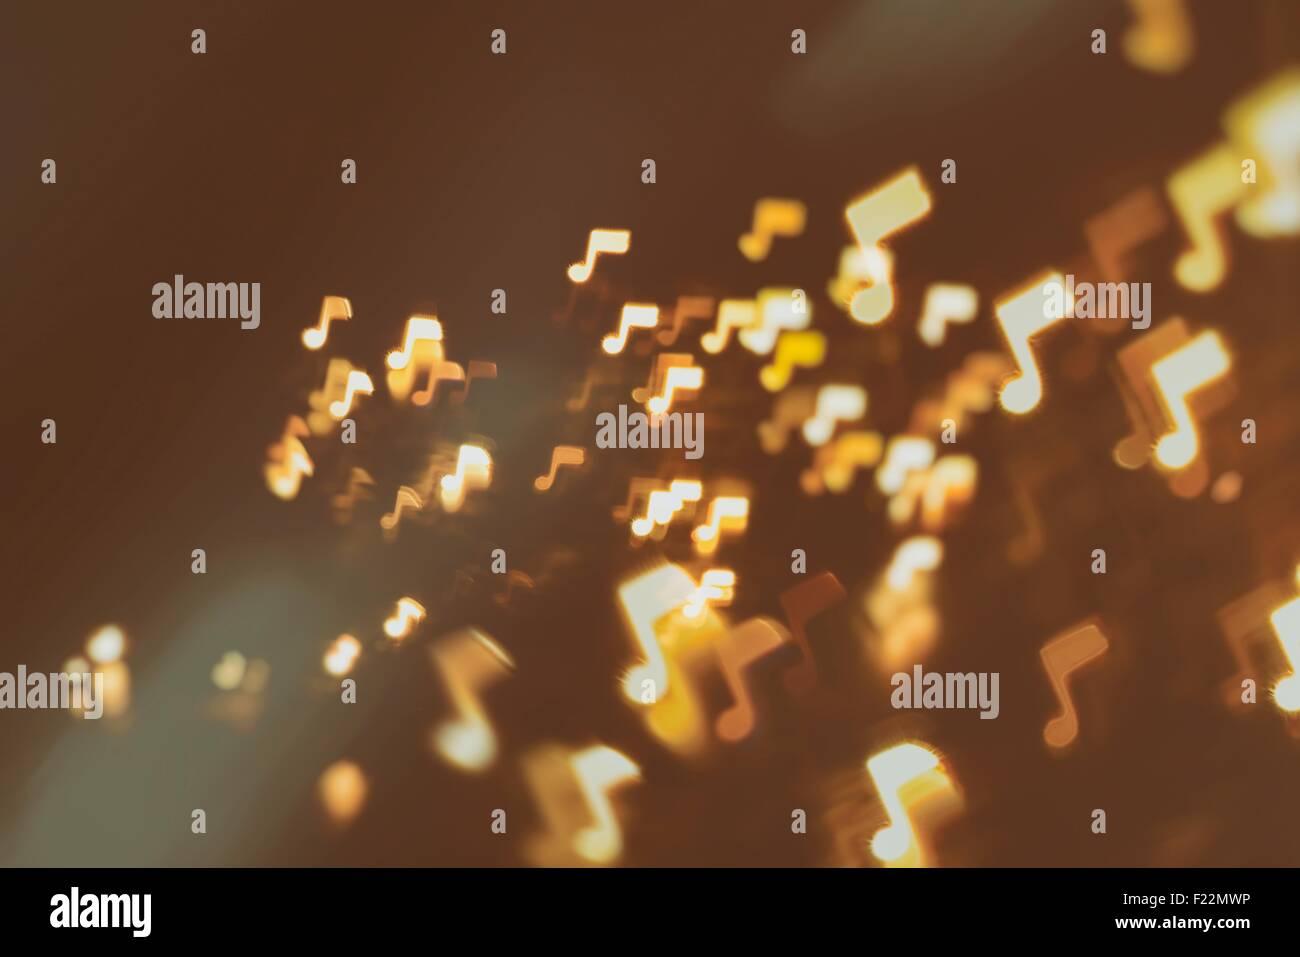 Música, sonidos y notas resumen fondo desenfocado (notas signos volar en el espacio) Imagen De Stock